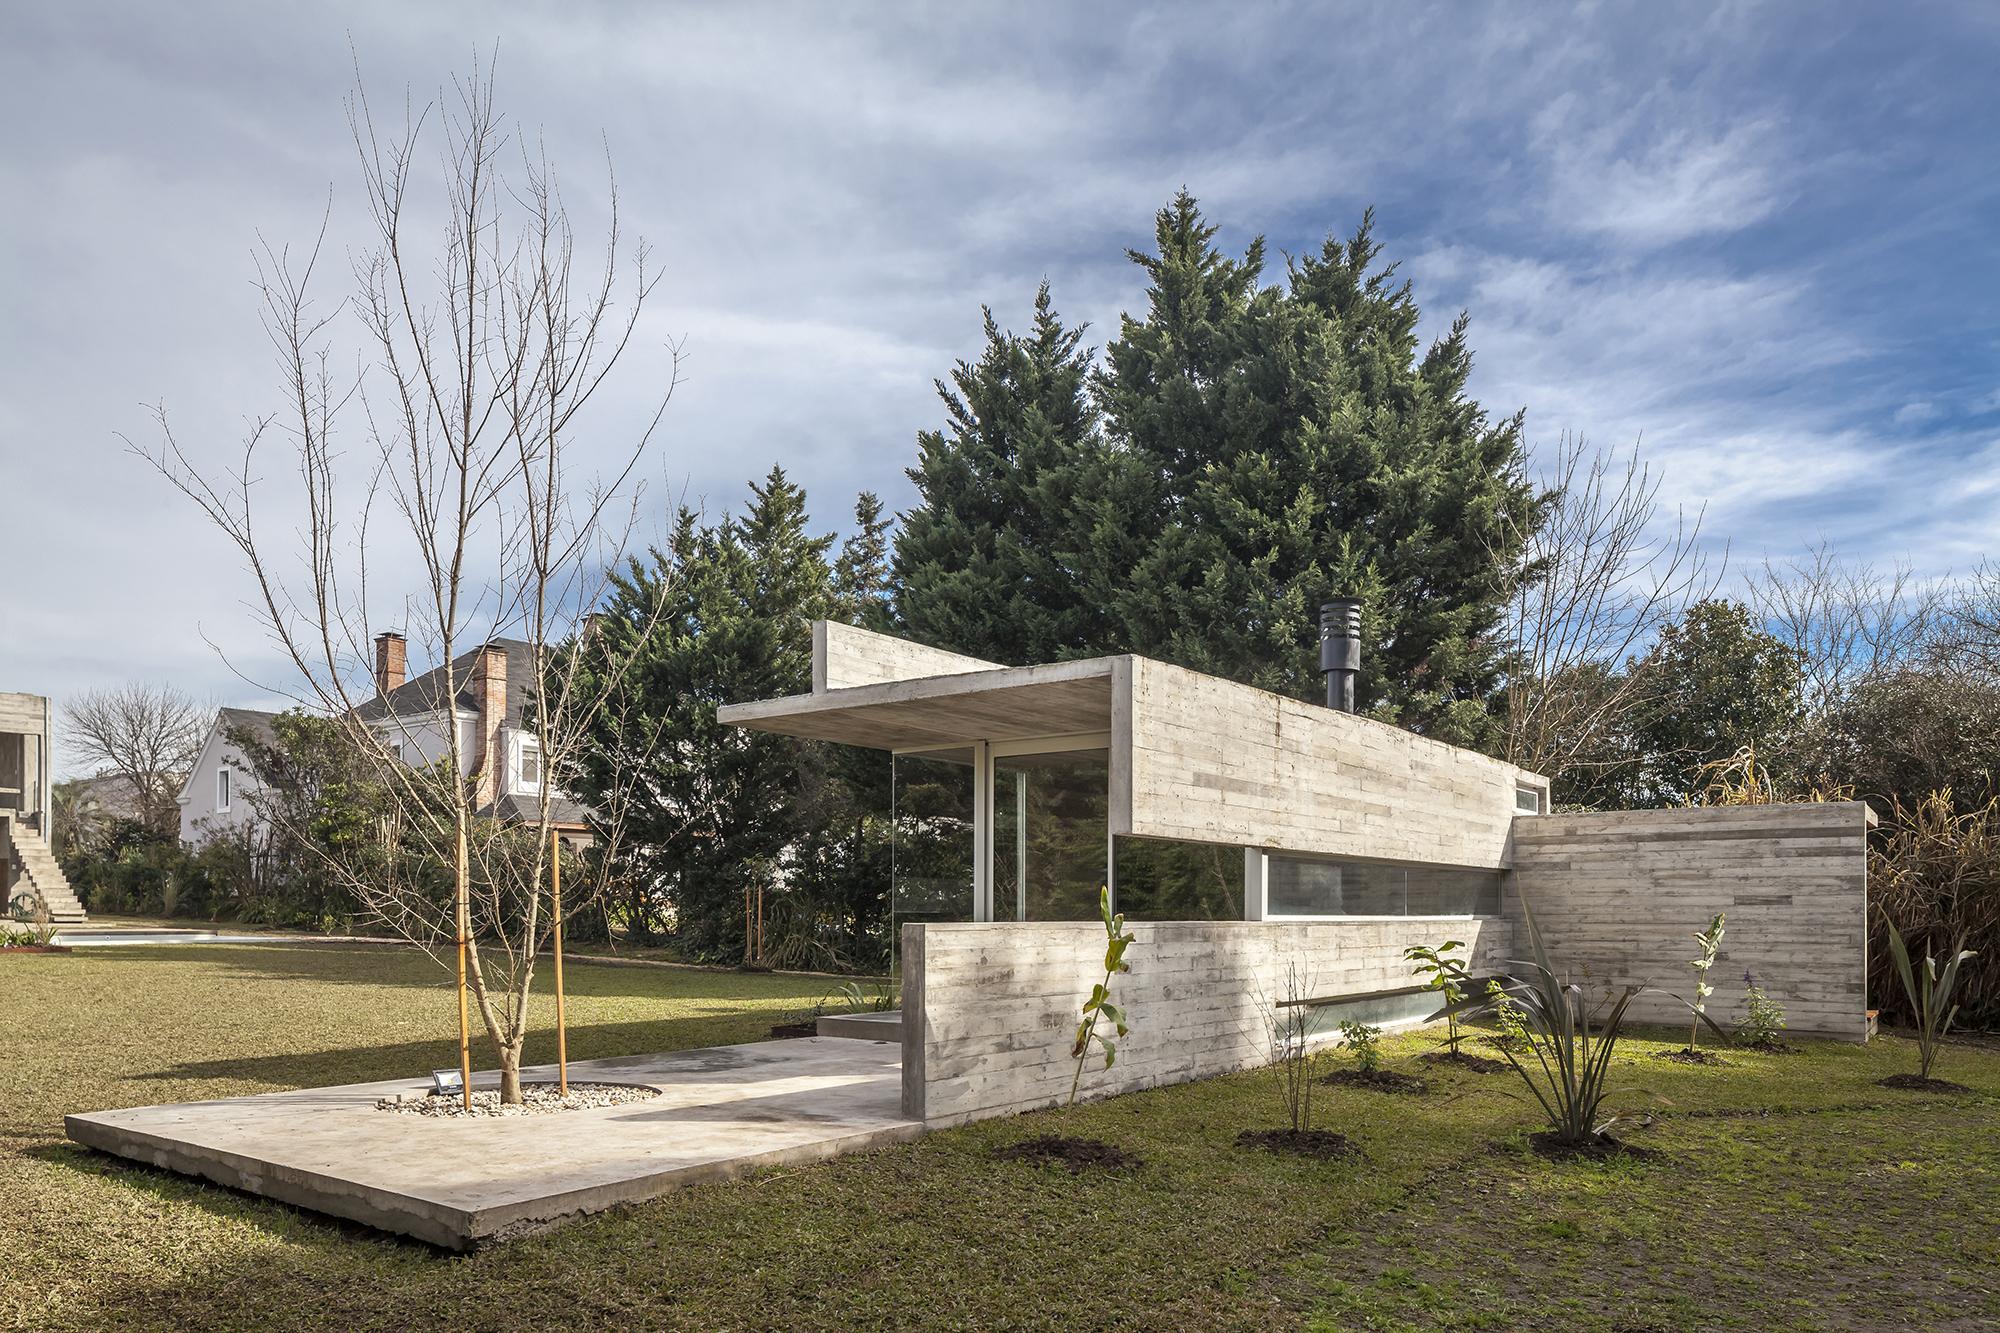 Pabellon Casa Torcuato / Besonias Almeida Arquitectos